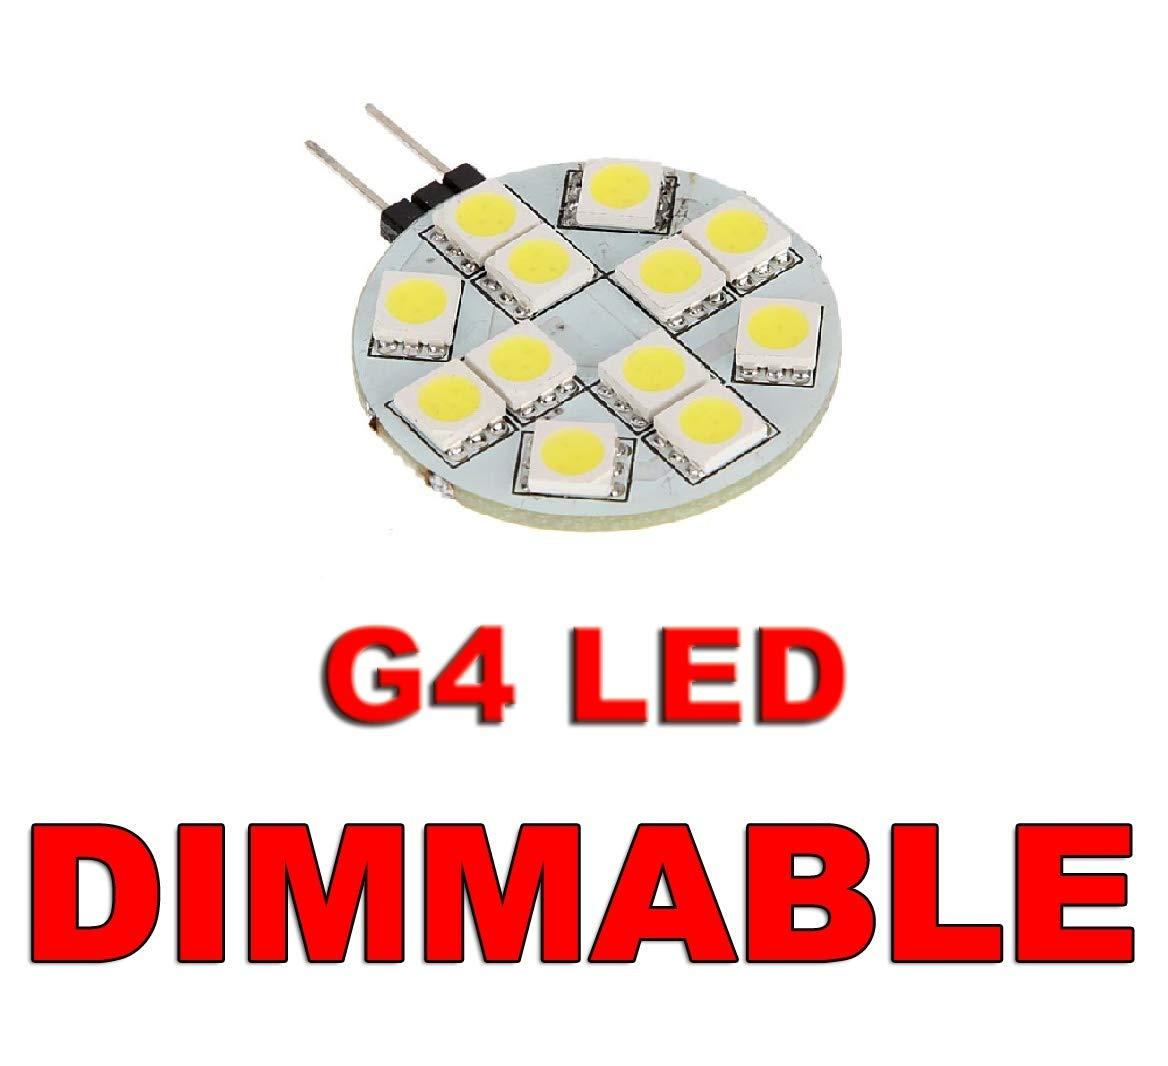 /caravane Bateau camping-car de cuisine Maison camping-car Ampoule LED /à intensit/é variable G4/Slide broches 12/V 12smd 5050/rond Cercle Blanc Lumineux/